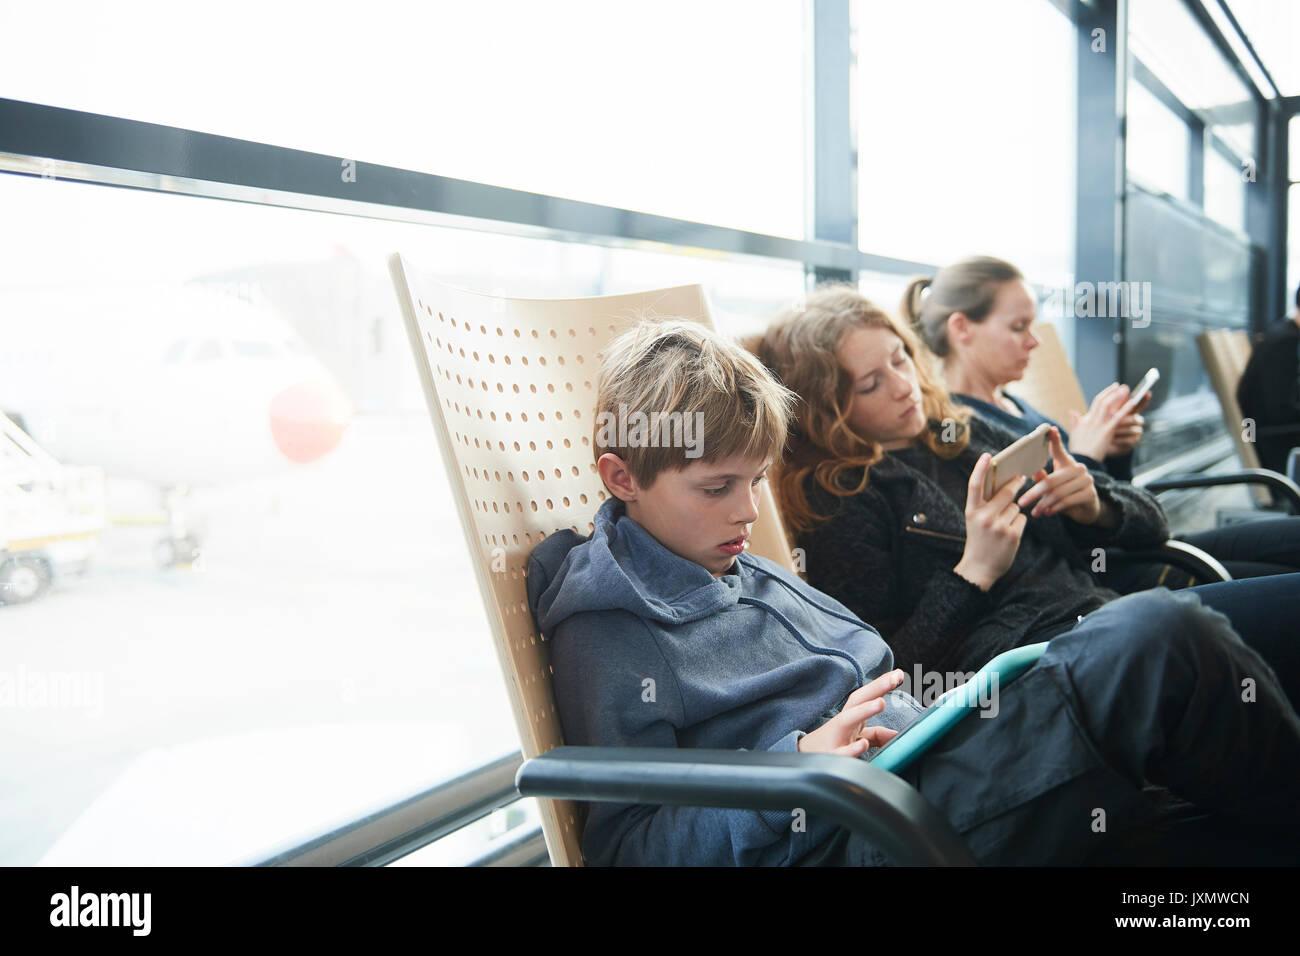 A l'aéroport de la famille moyen de maison de vacances, Copenhague, Danemark Banque D'Images